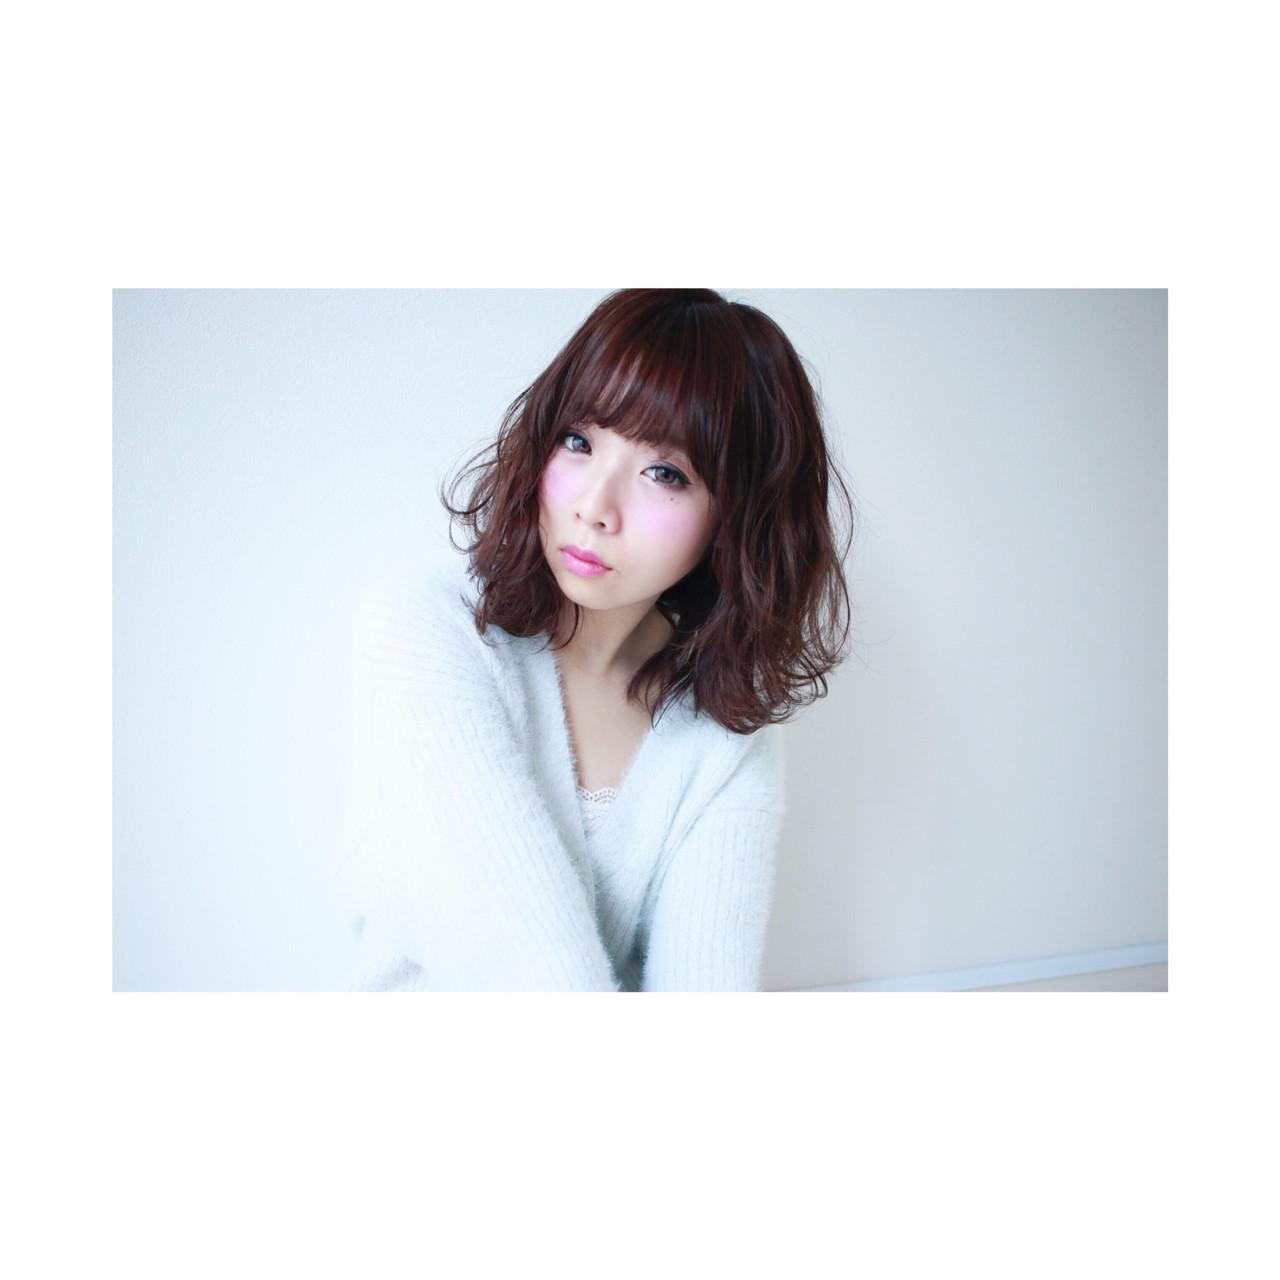 ミルクティー セミロング ボブ ミディアム ヘアスタイルや髪型の写真・画像 | seikan / vifkrone hair&beauty